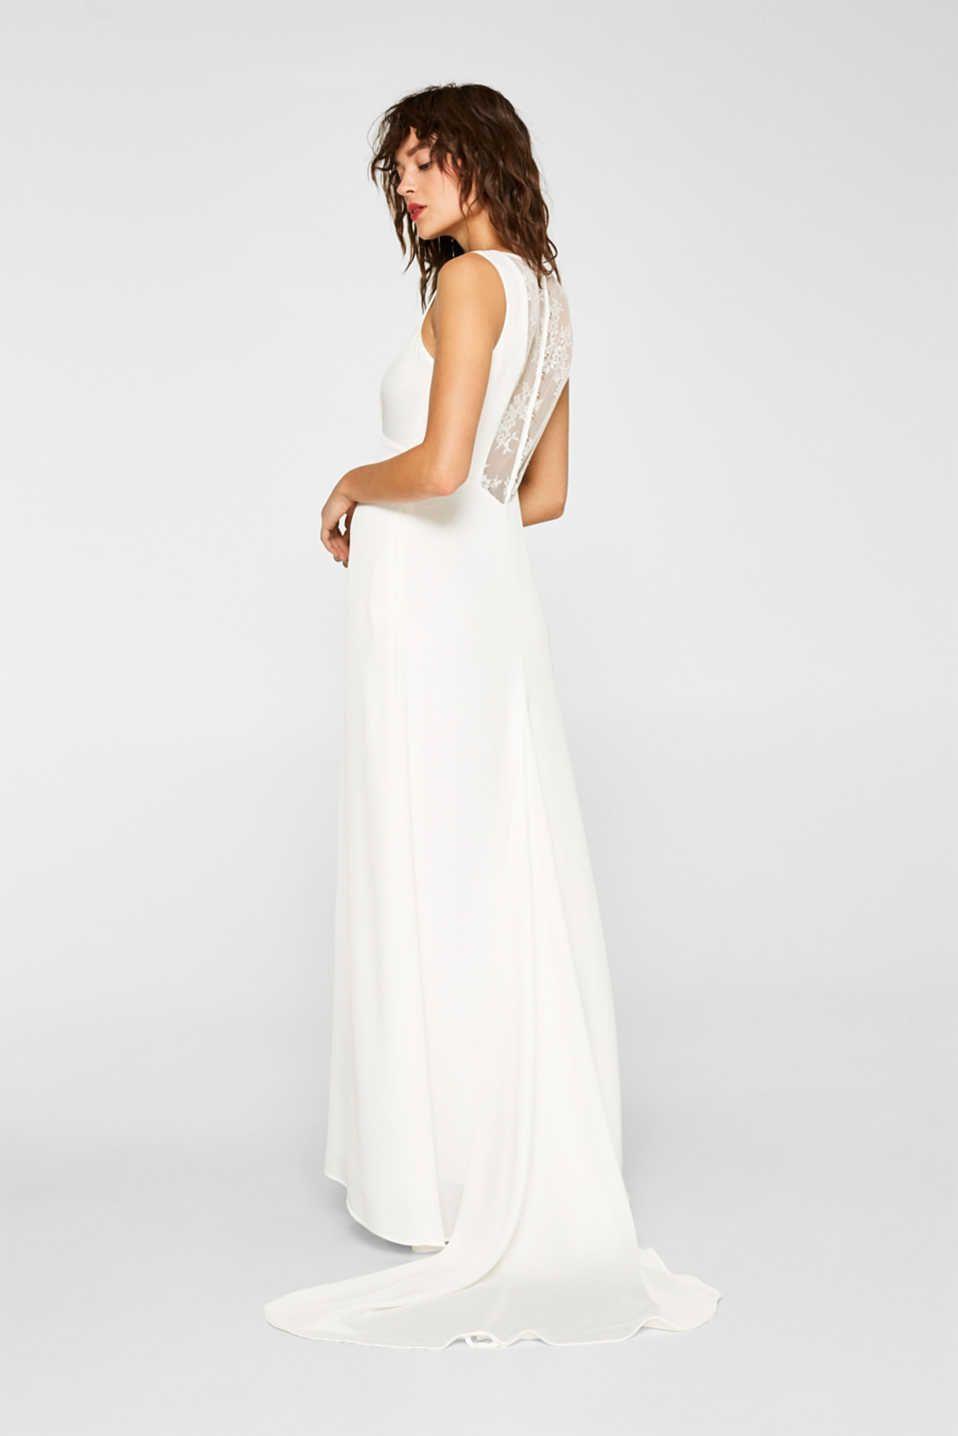 Esprit - Brautkleid mit rückseitiger Spitze im Online Shop kaufen